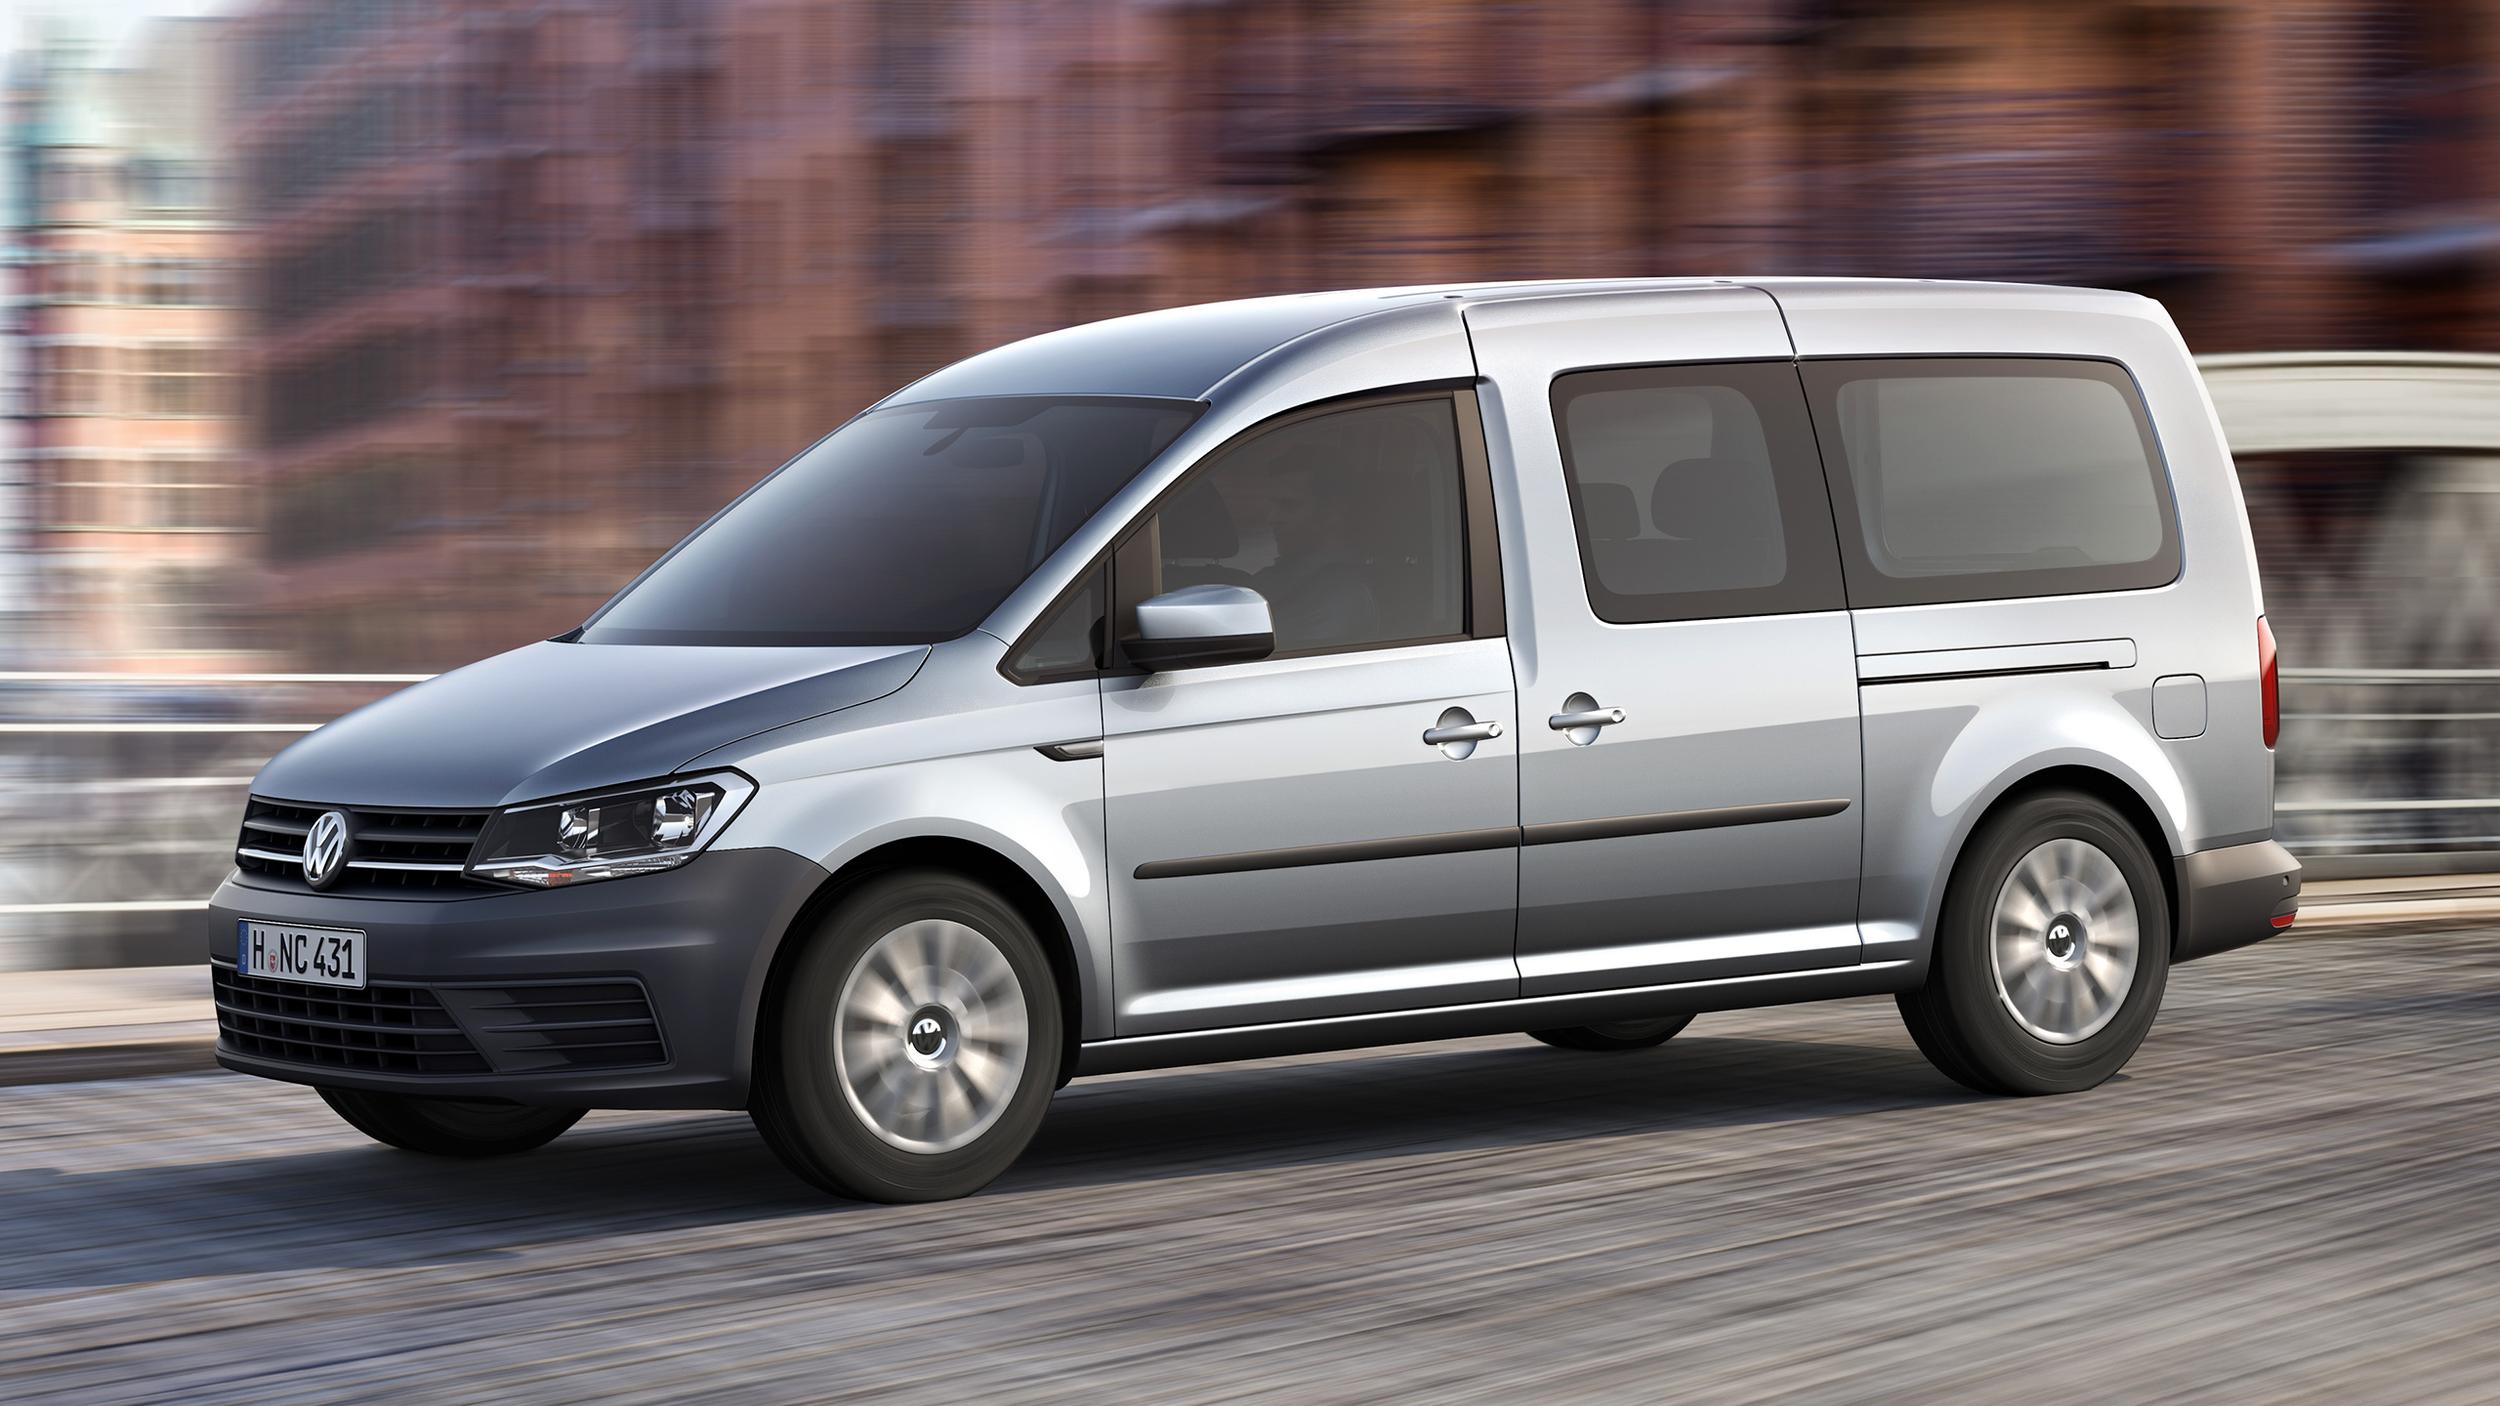 Volkswagen Caddy pricing confirmed